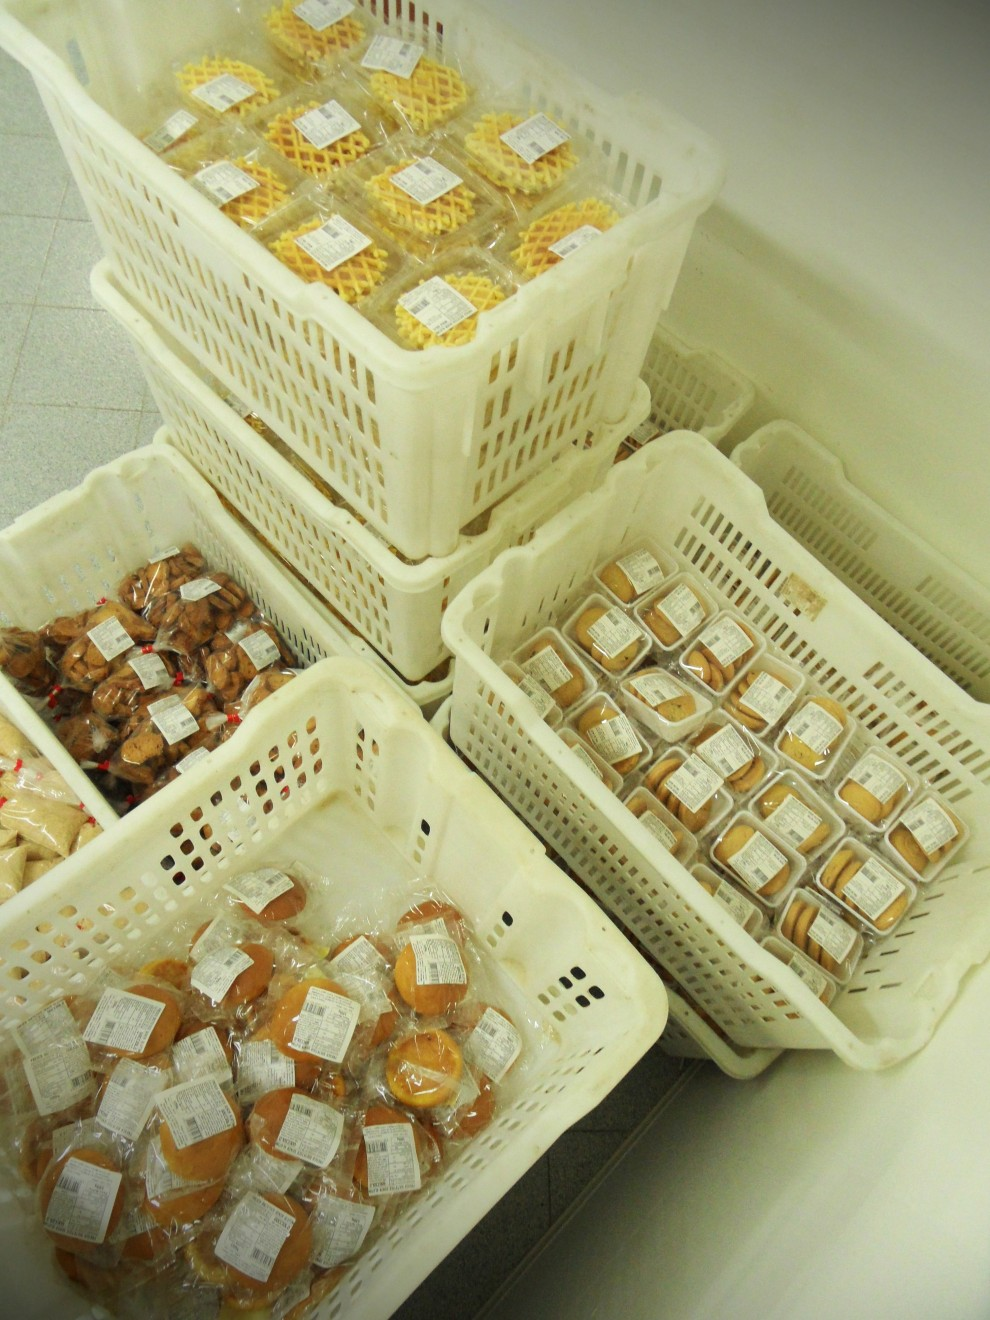 I prodotti sono pronti a essere distribuiti